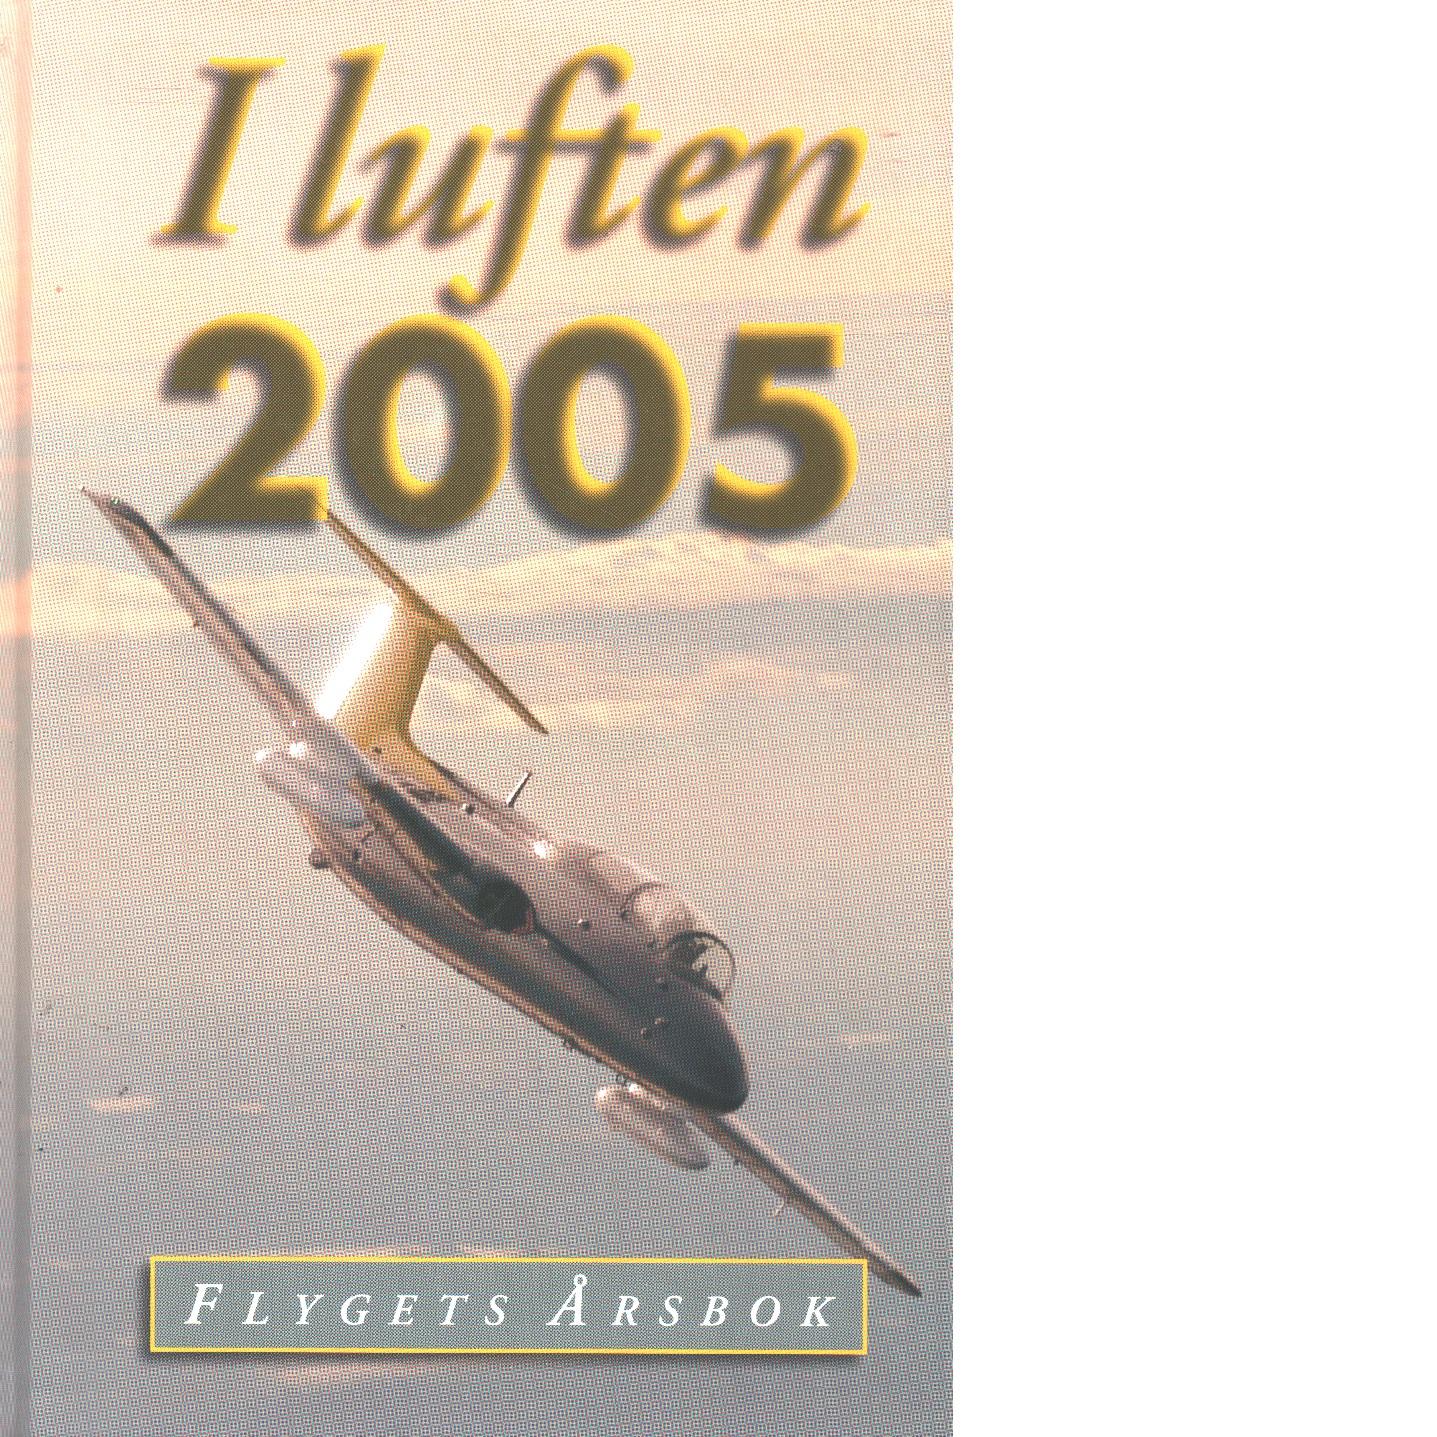 I LUFTEN FLYGETS ÅRSBOK 2005 - Red.